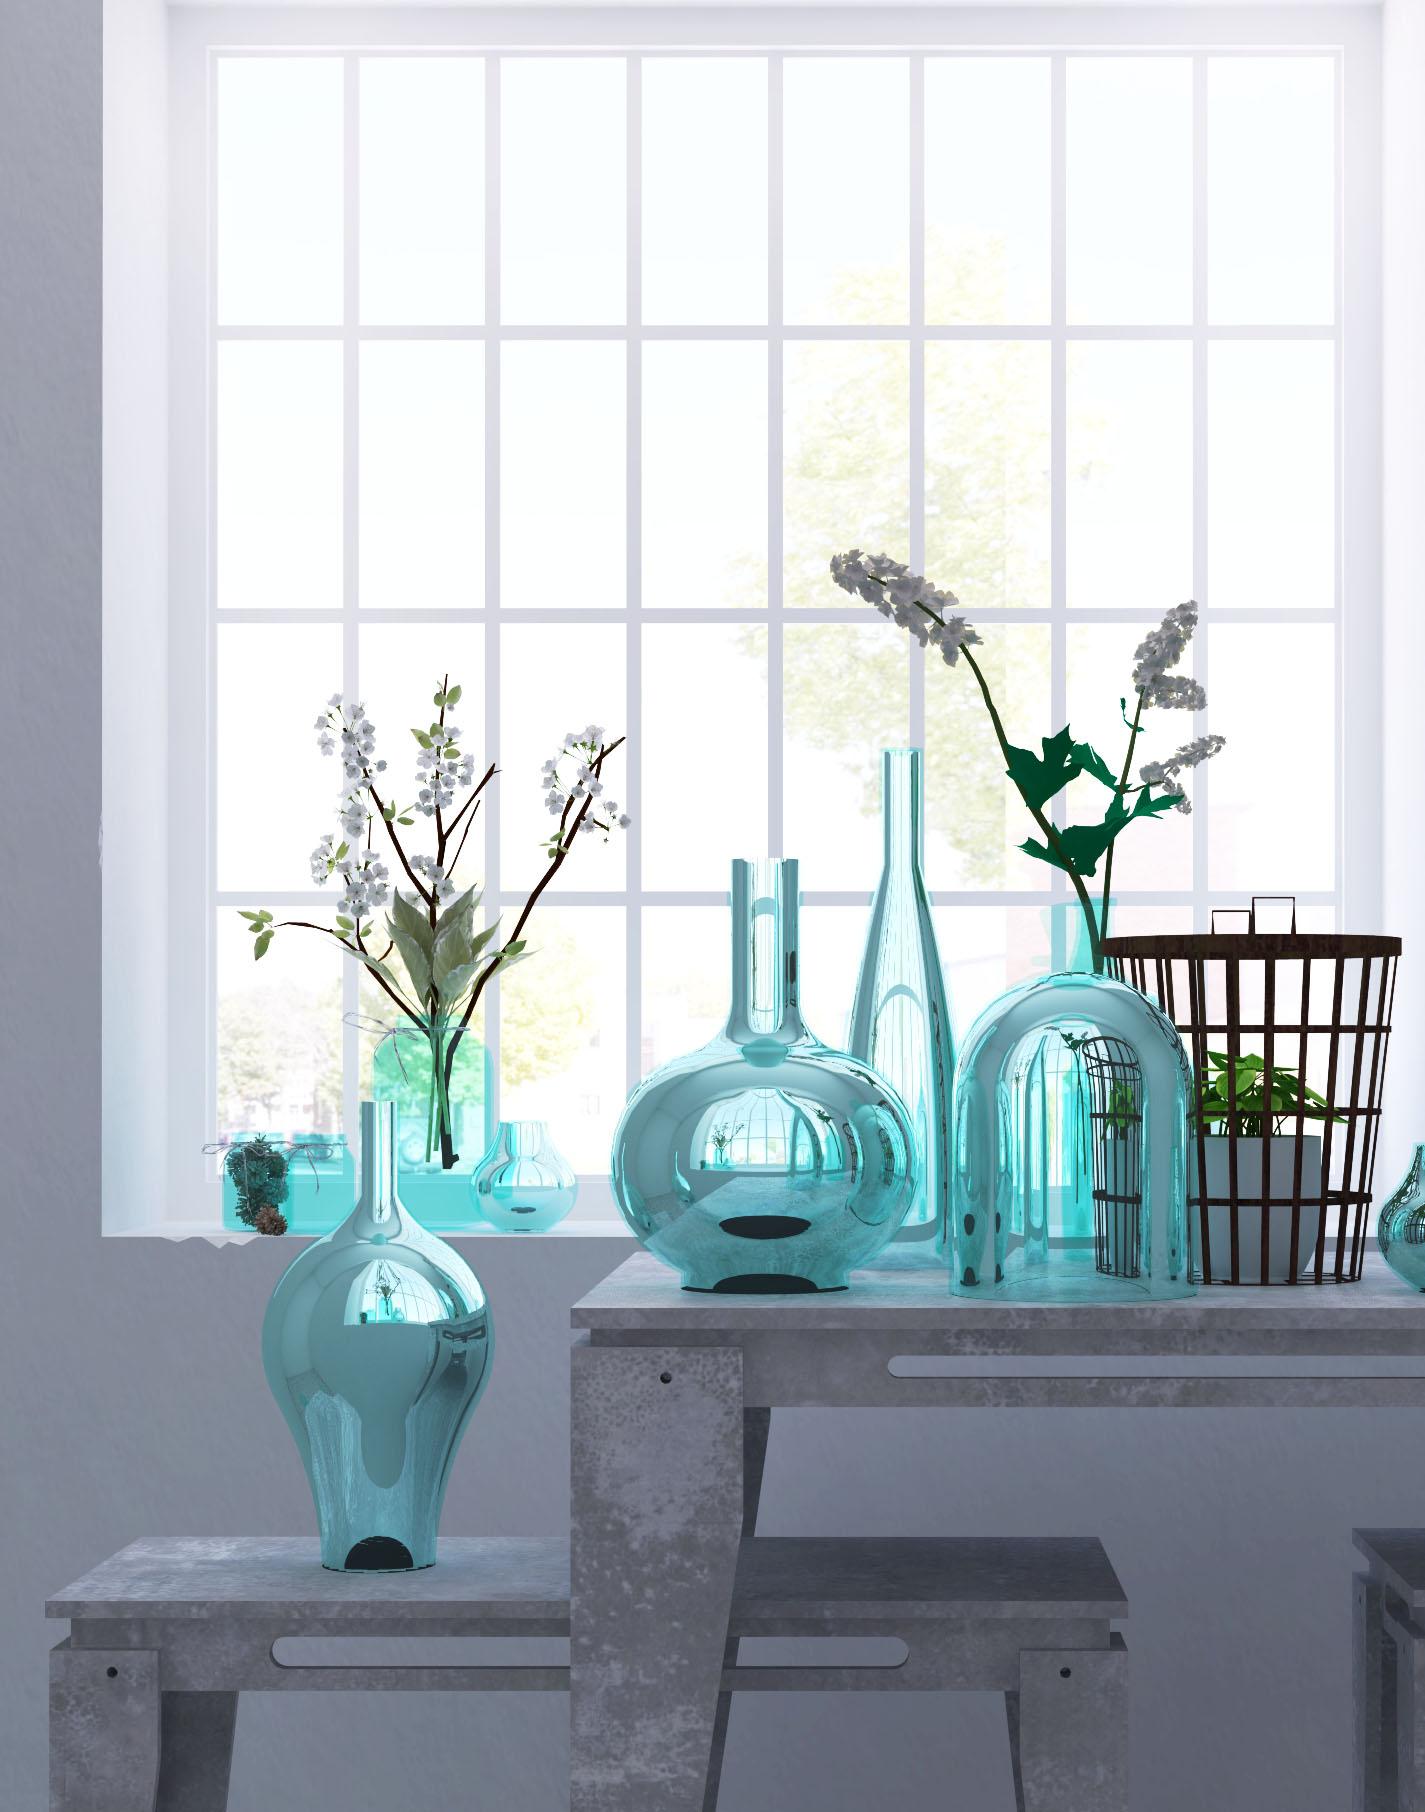 夏の飾り ブルーガラスの瓶